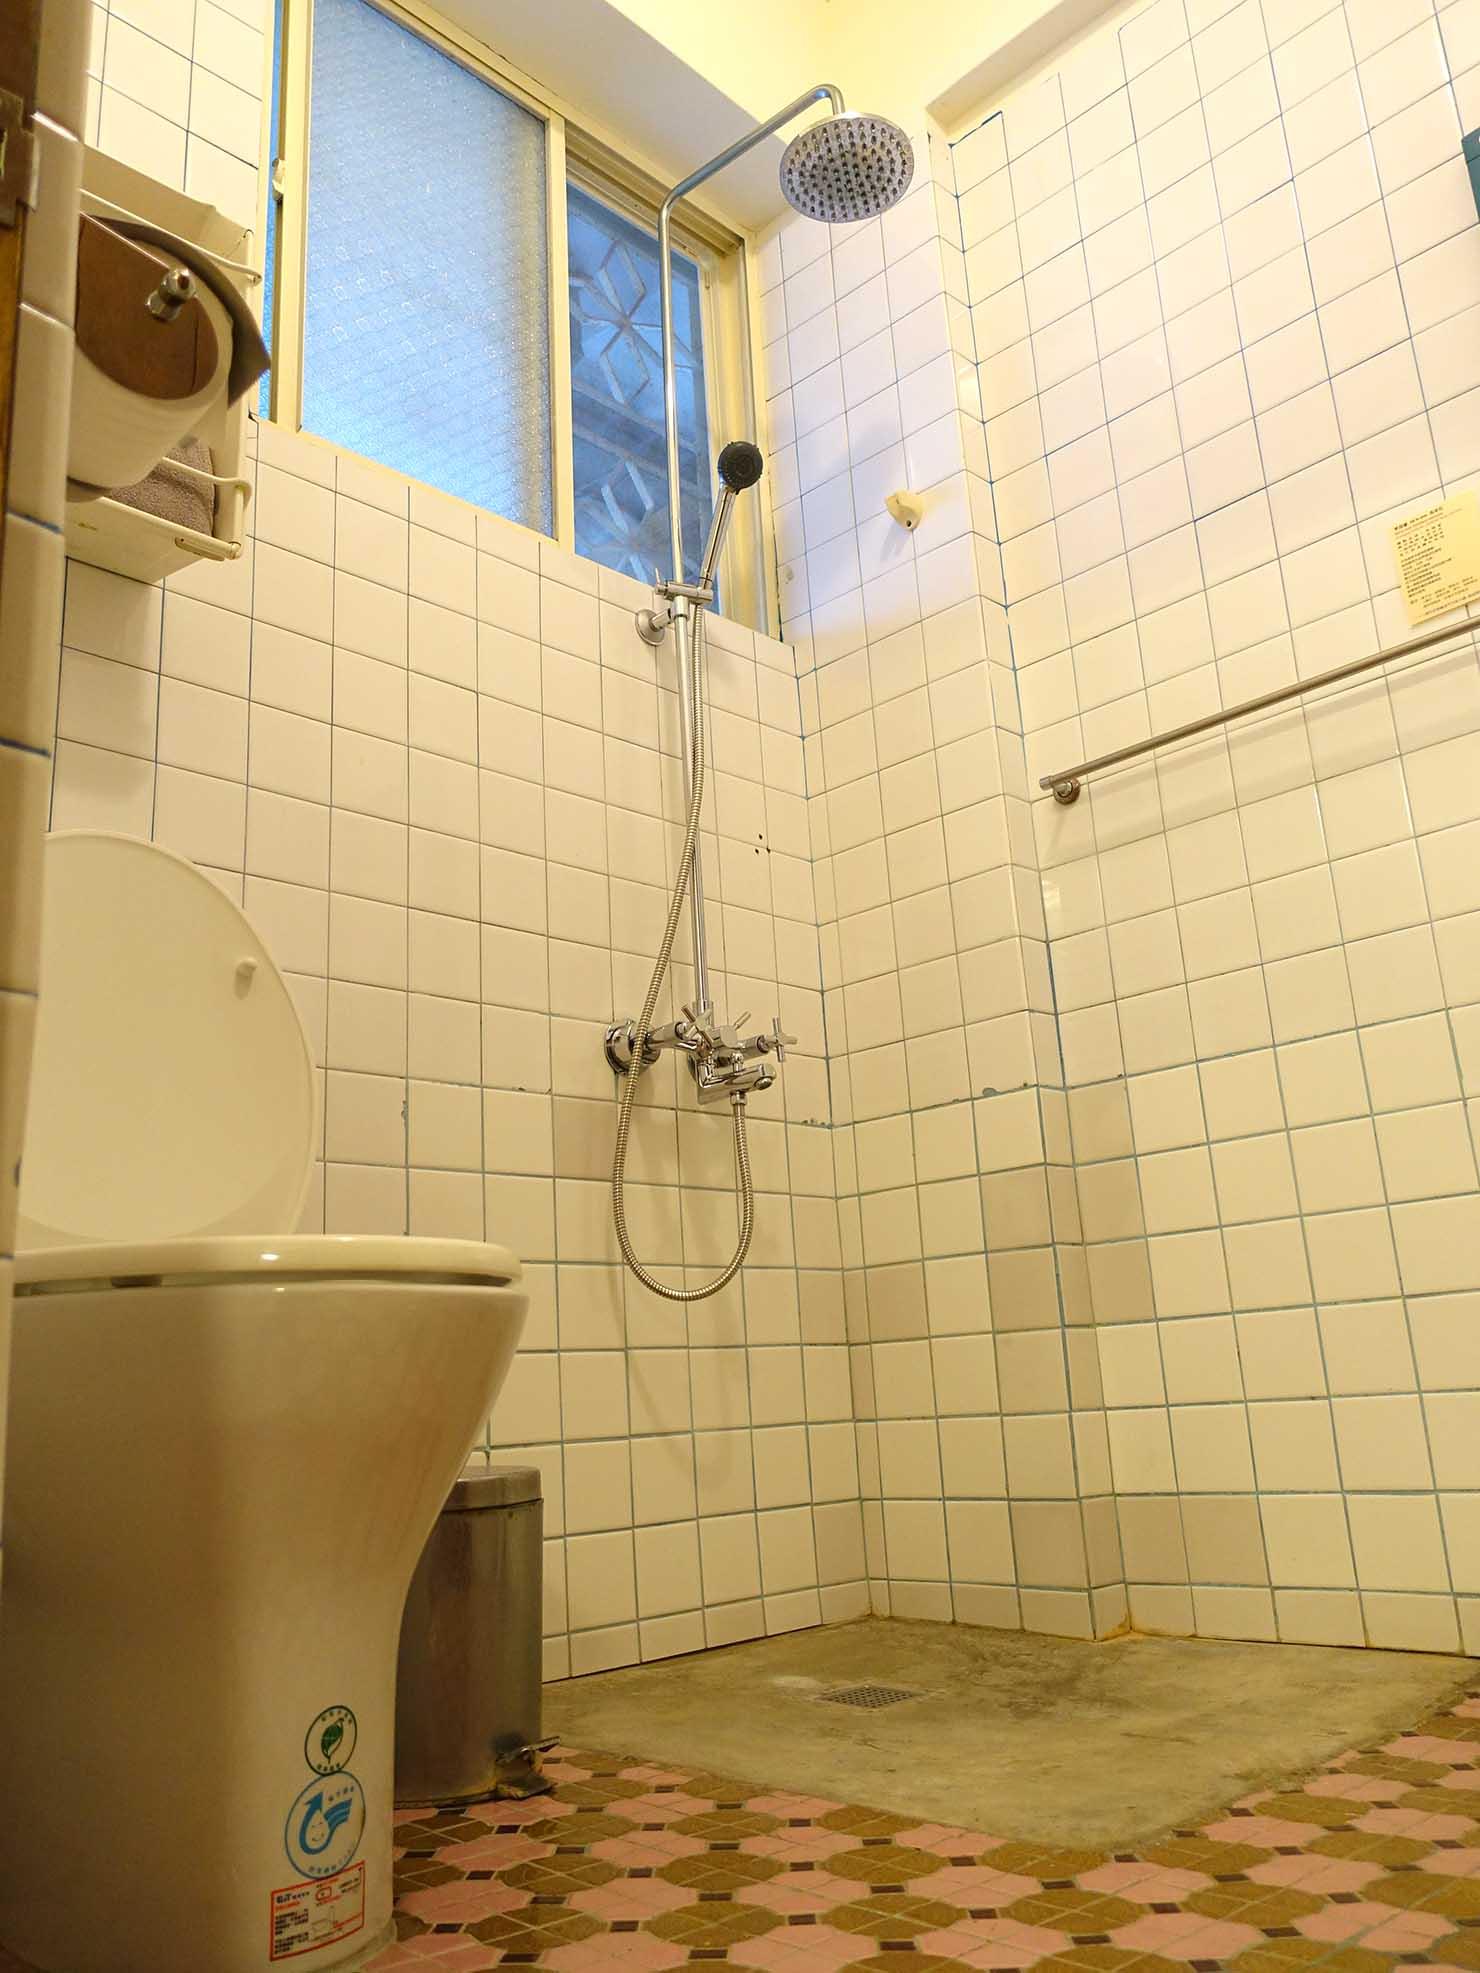 花蓮市街中心部のレトロかわいいおすすめゲストハウス「花蓮日日 Hualien dairy」の單人房(シングルルーム)のシャワールーム